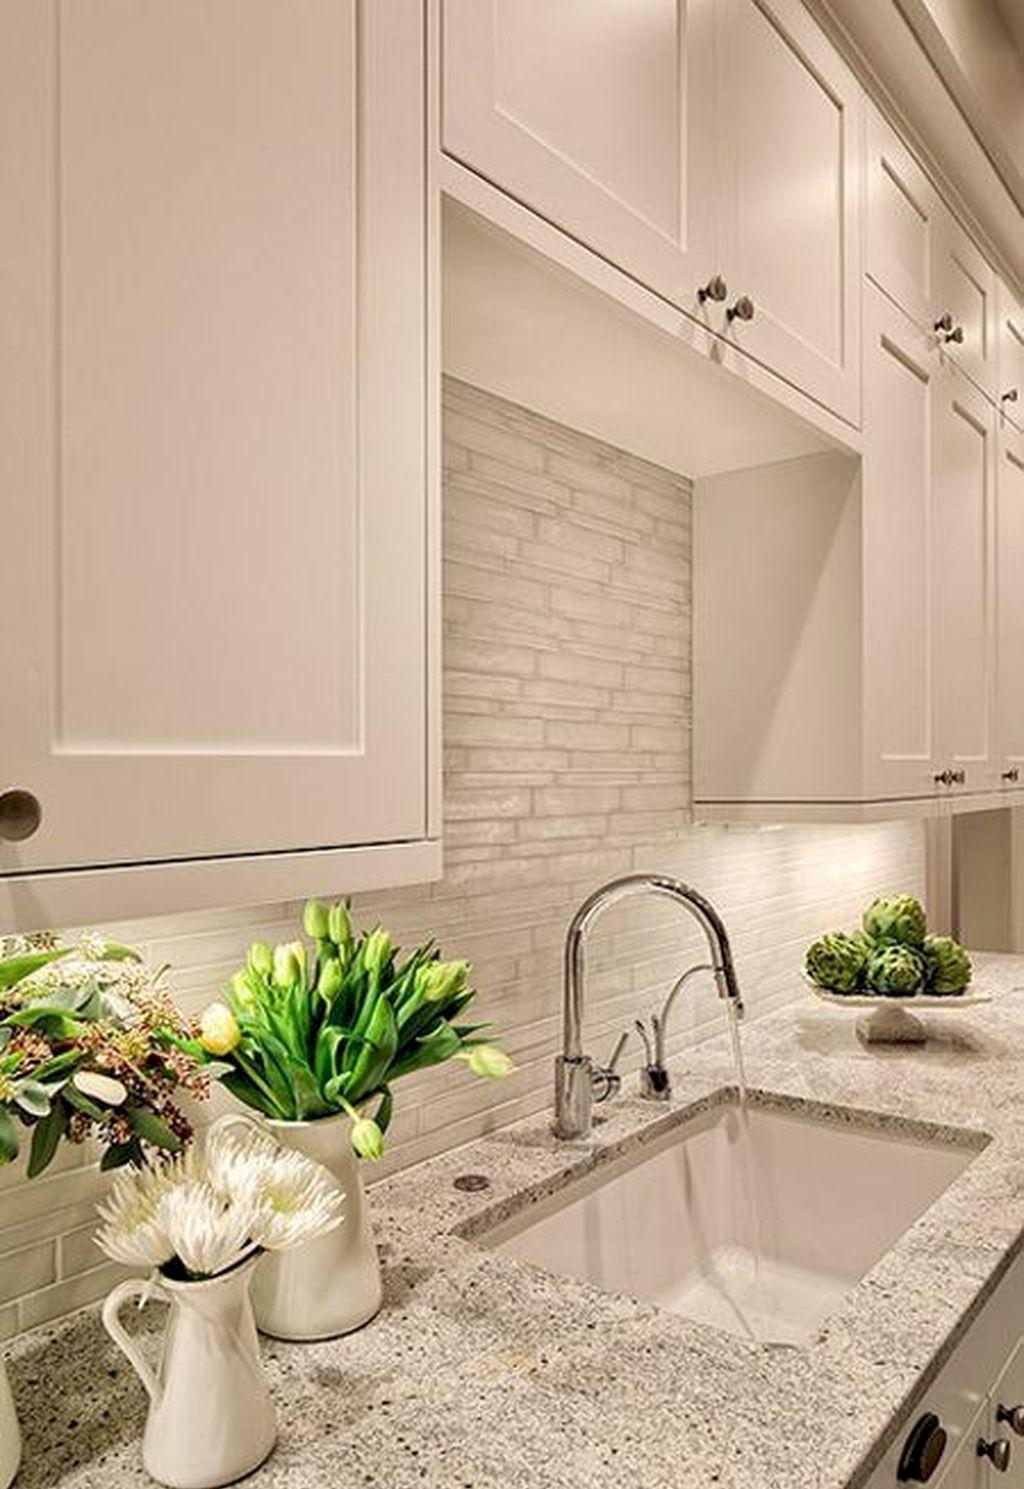 Kitchen Backsplash176